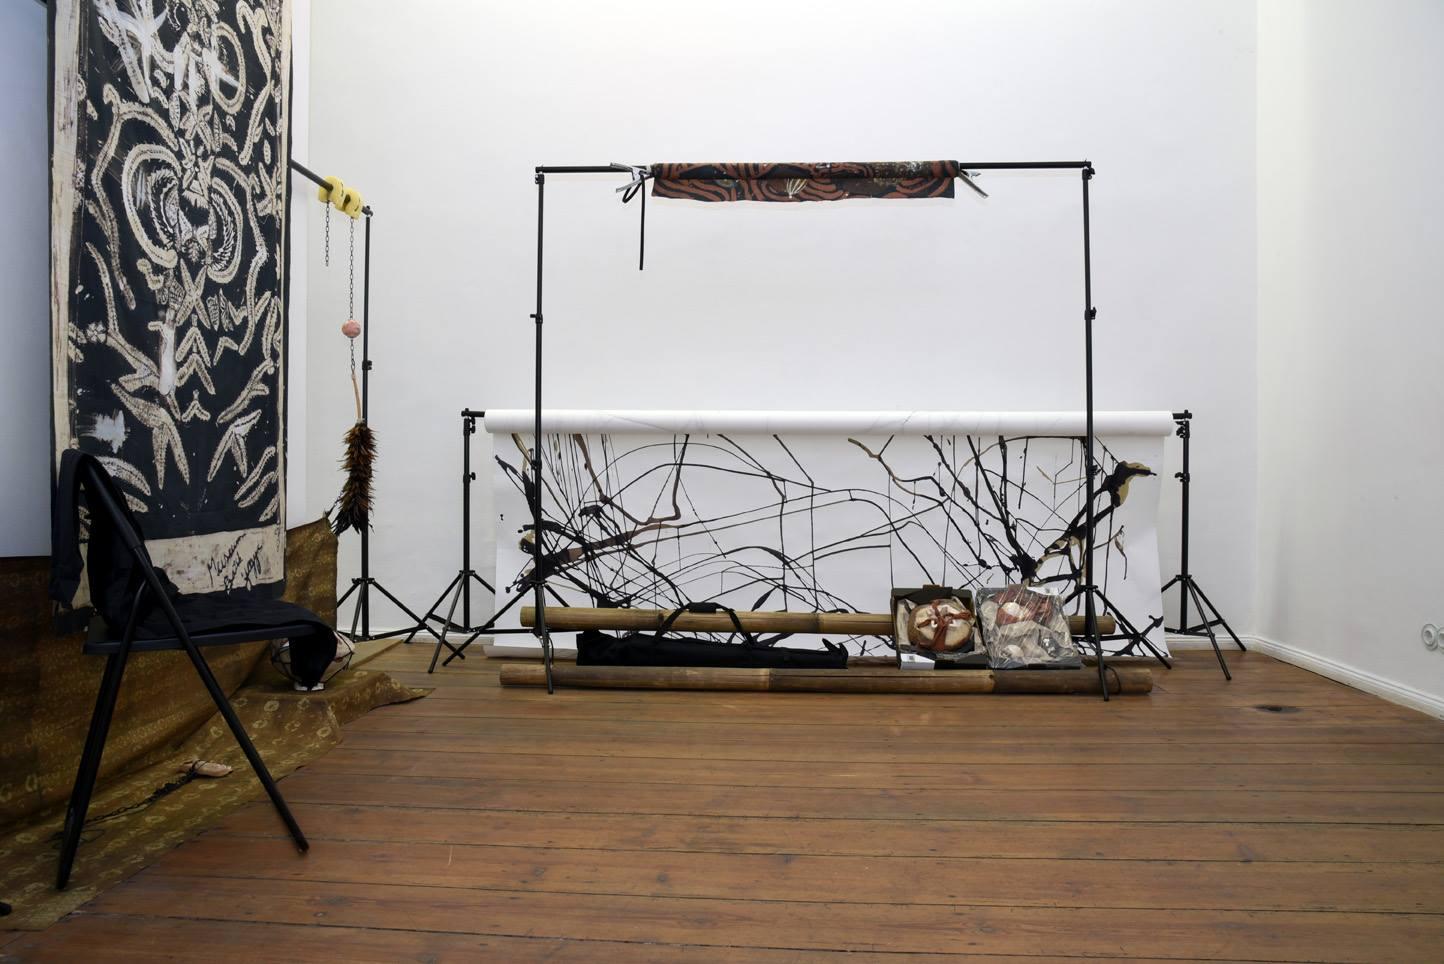 Ada Van Hoorebeke, Where Batik Belongs, 2016, installation view at Grimmuseum (4)